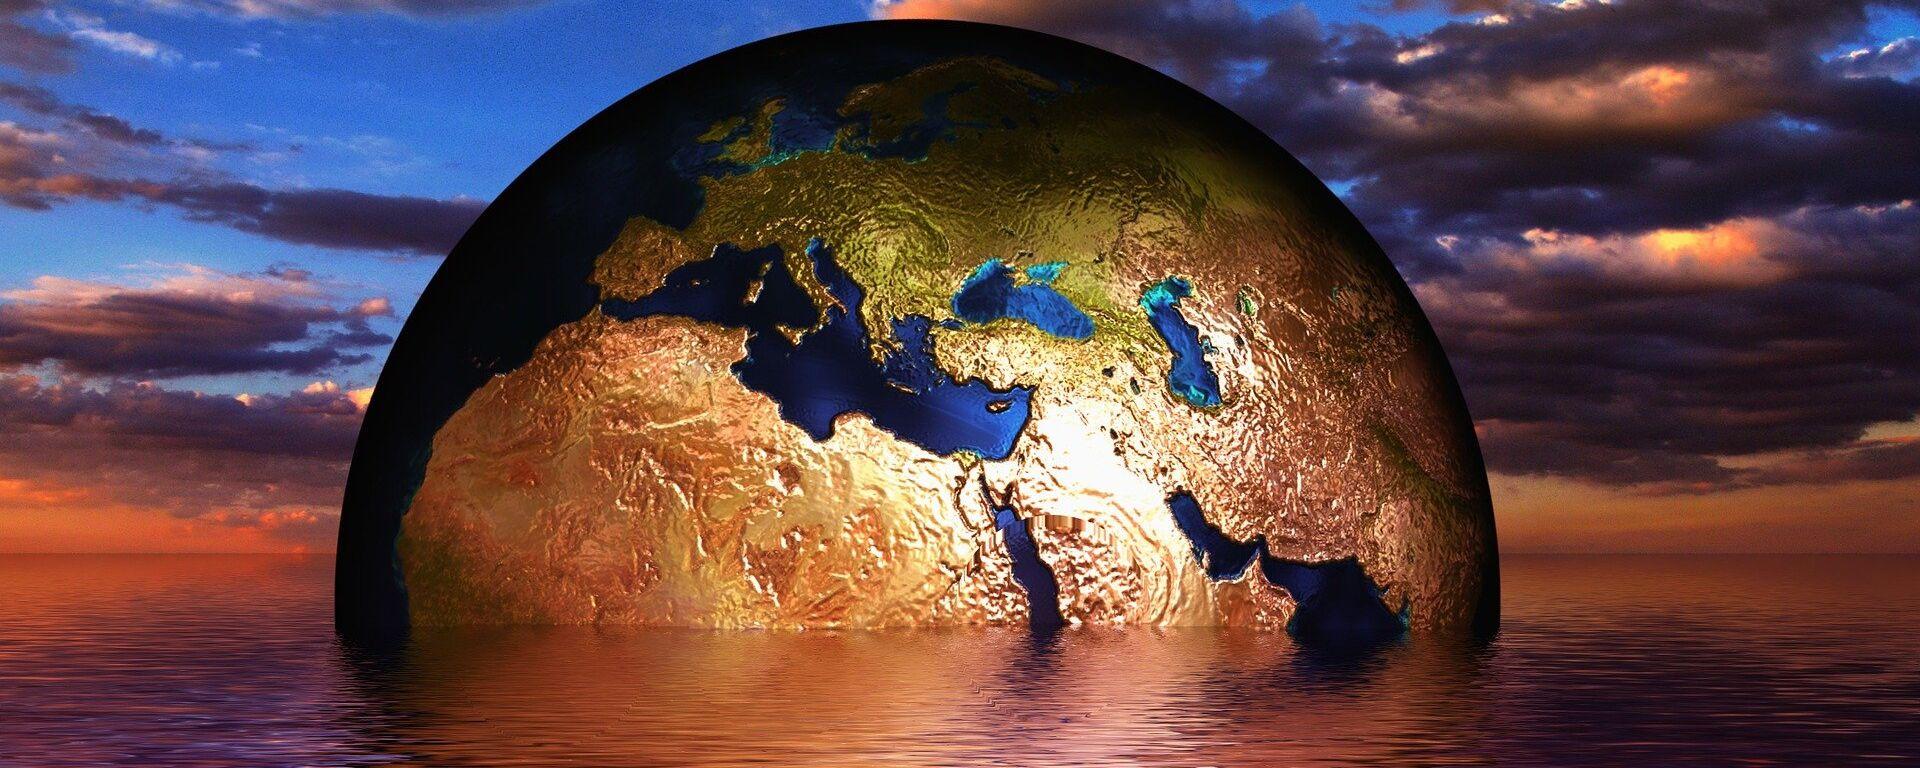 Sự nóng lên toàn cầu - Sputnik Việt Nam, 1920, 06.12.2020